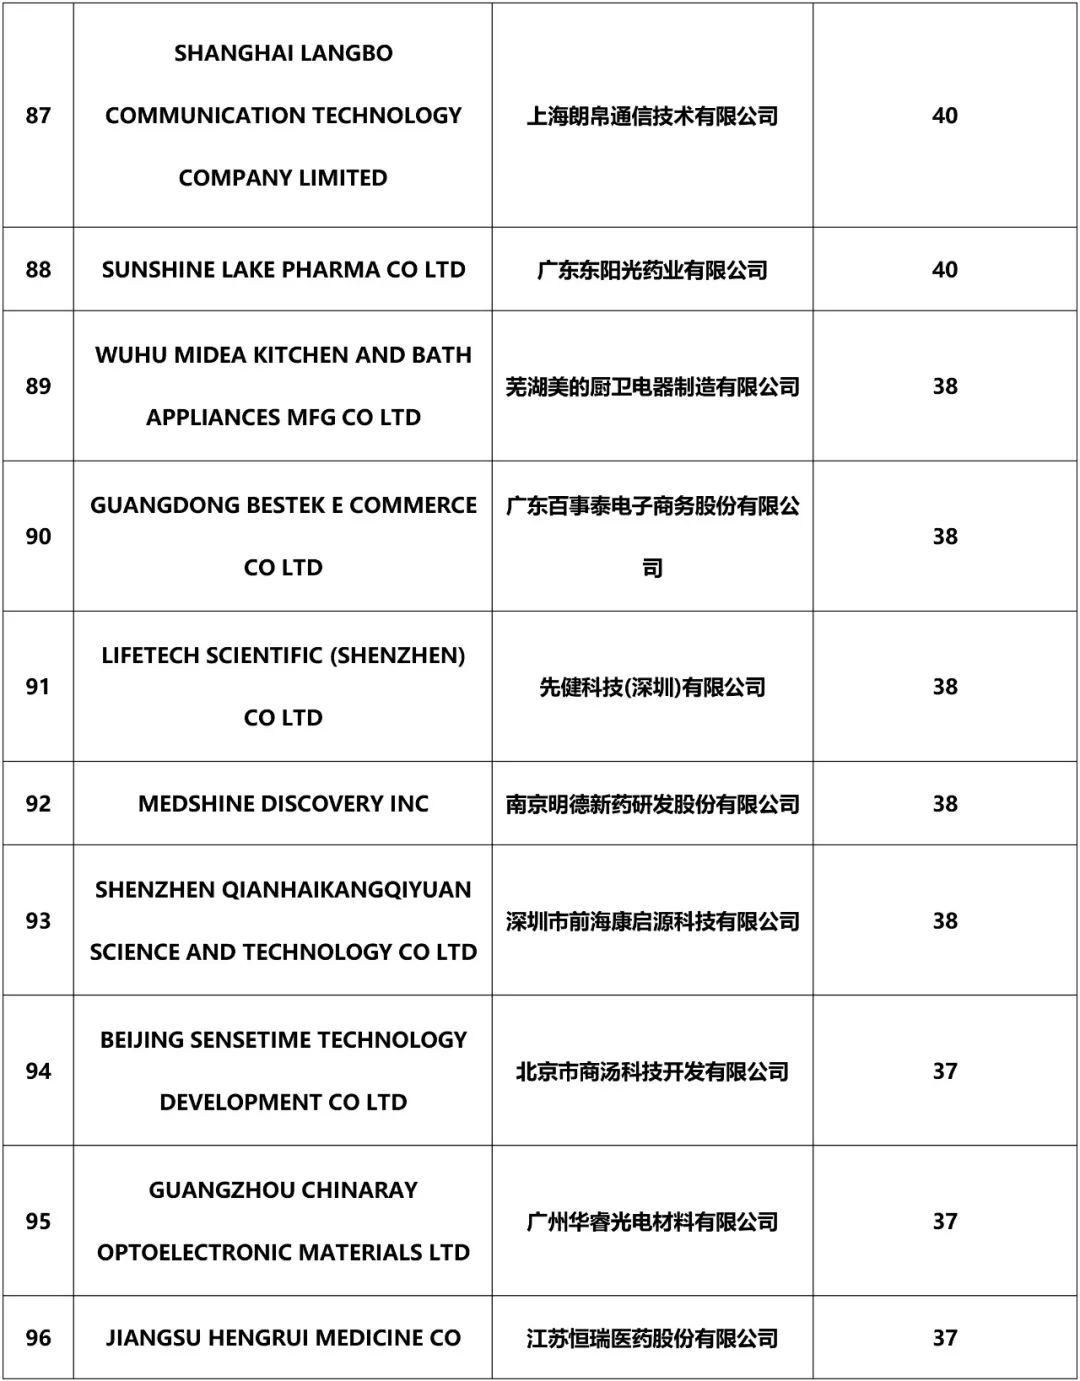 2018年中国企业「PCT国际专利申请」排行榜(TOP100)